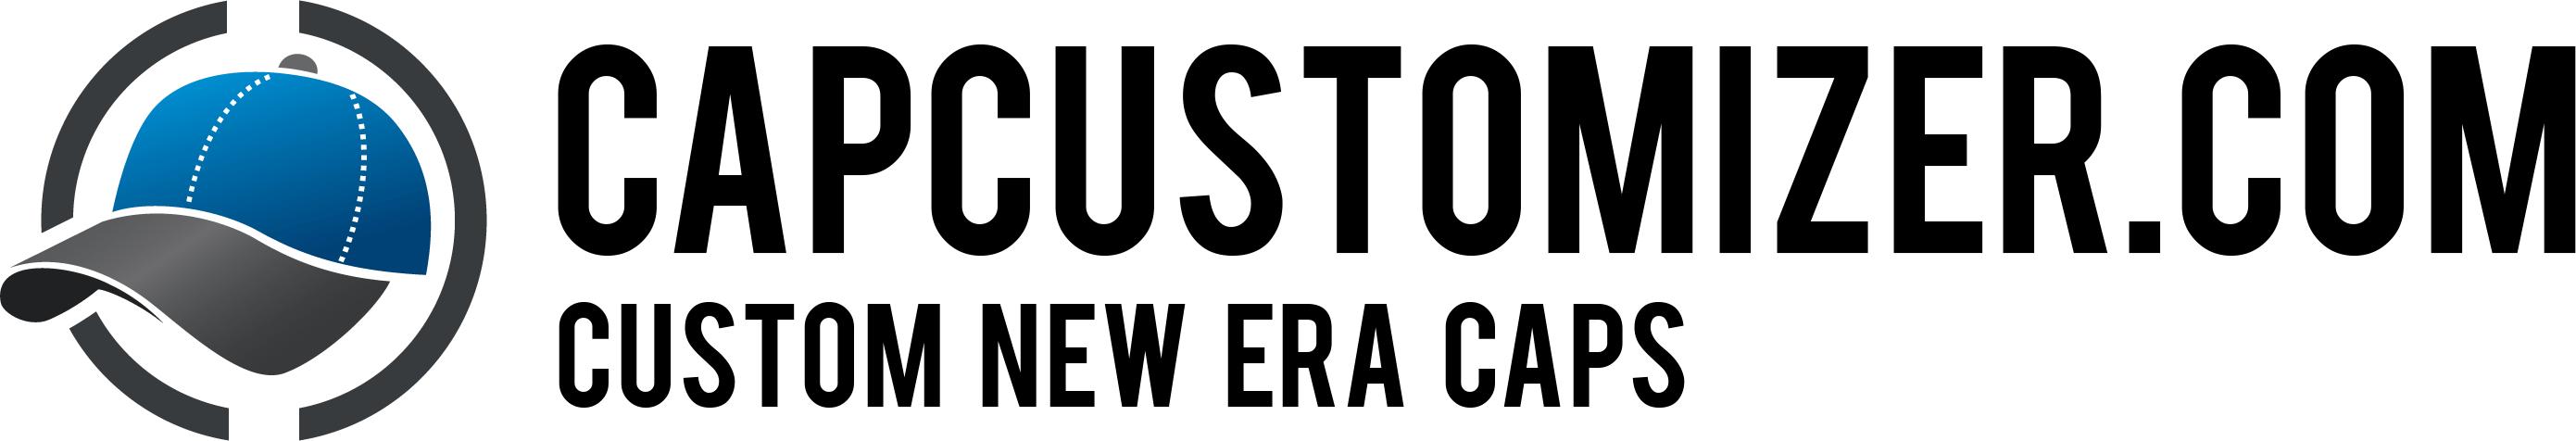 Cap Customizer